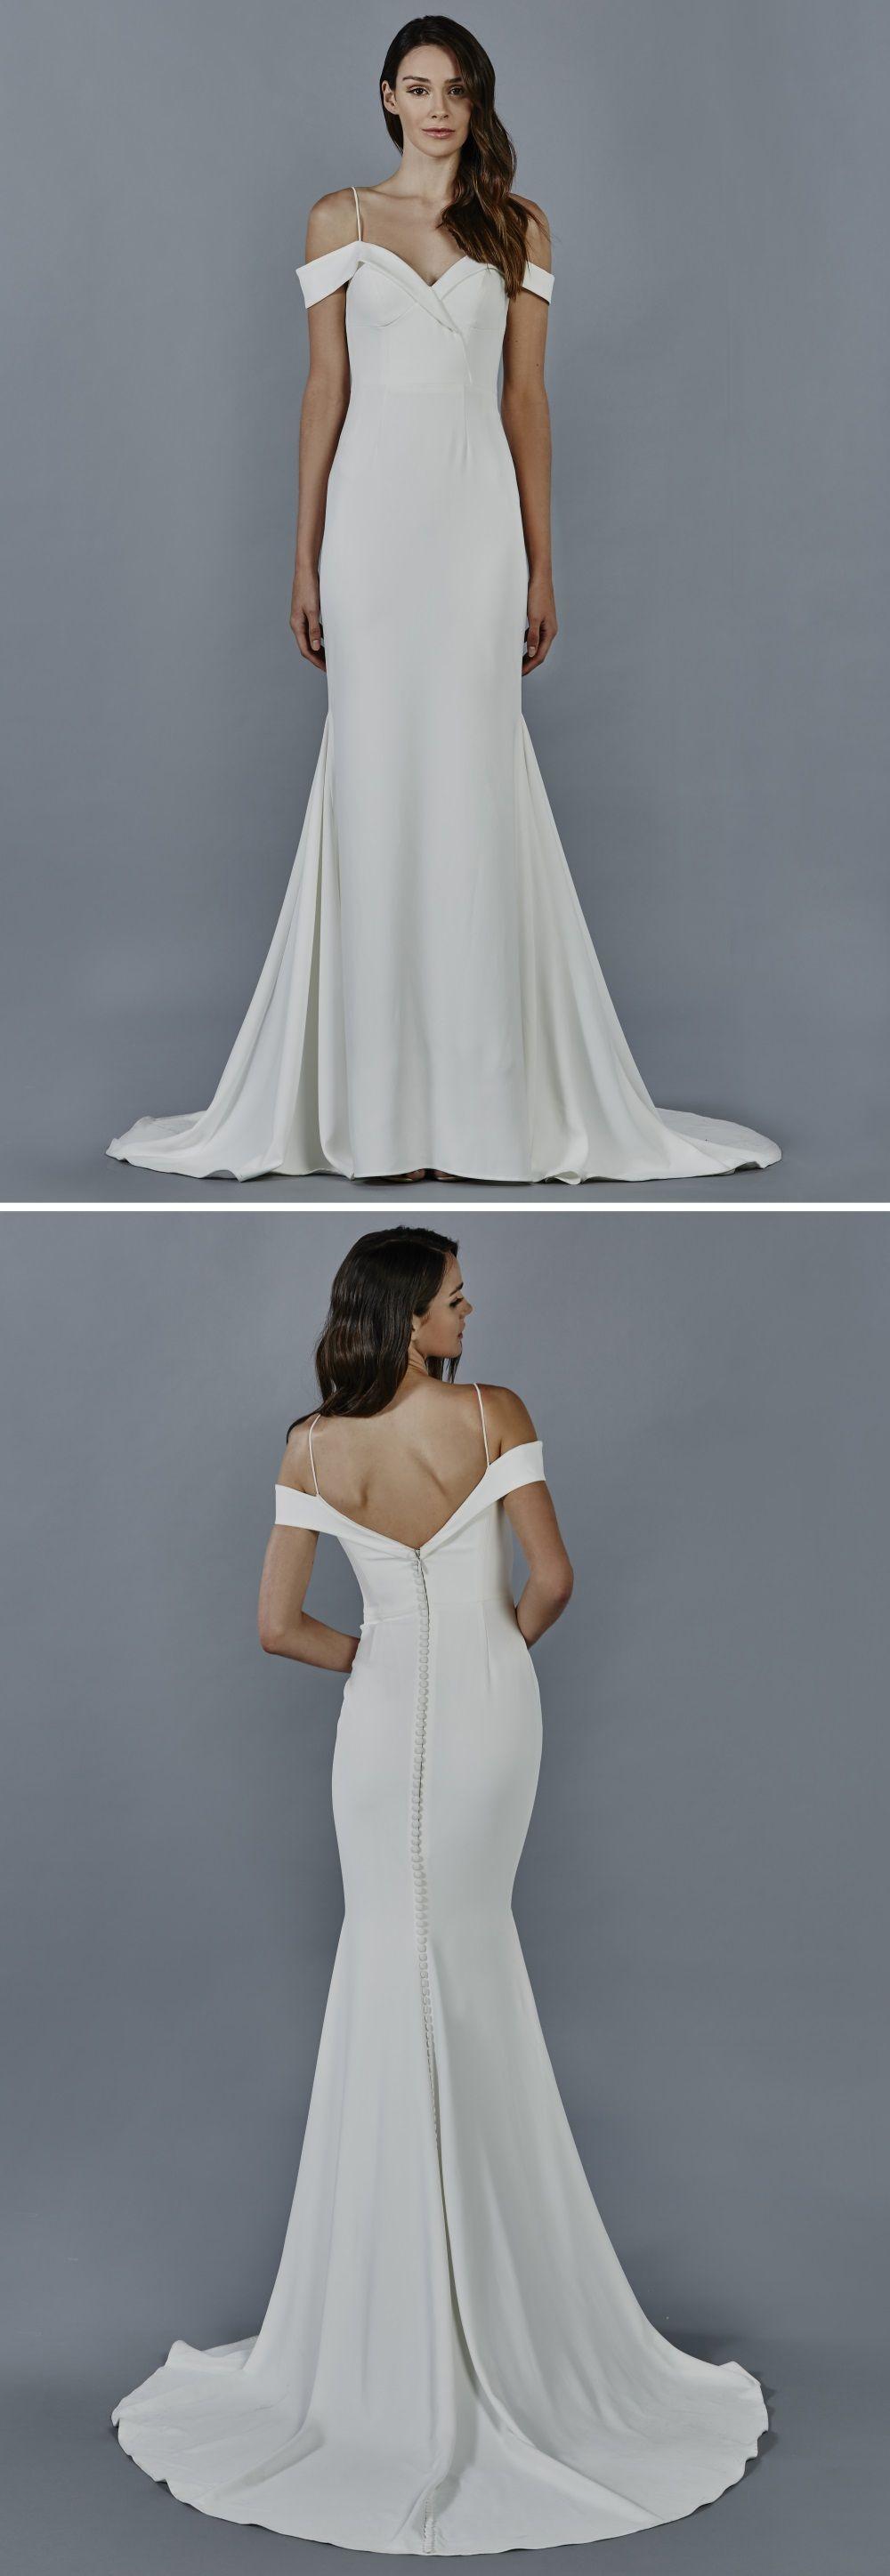 Kelly Faetanini Phoebe Crepe Fabric Wedding Dress